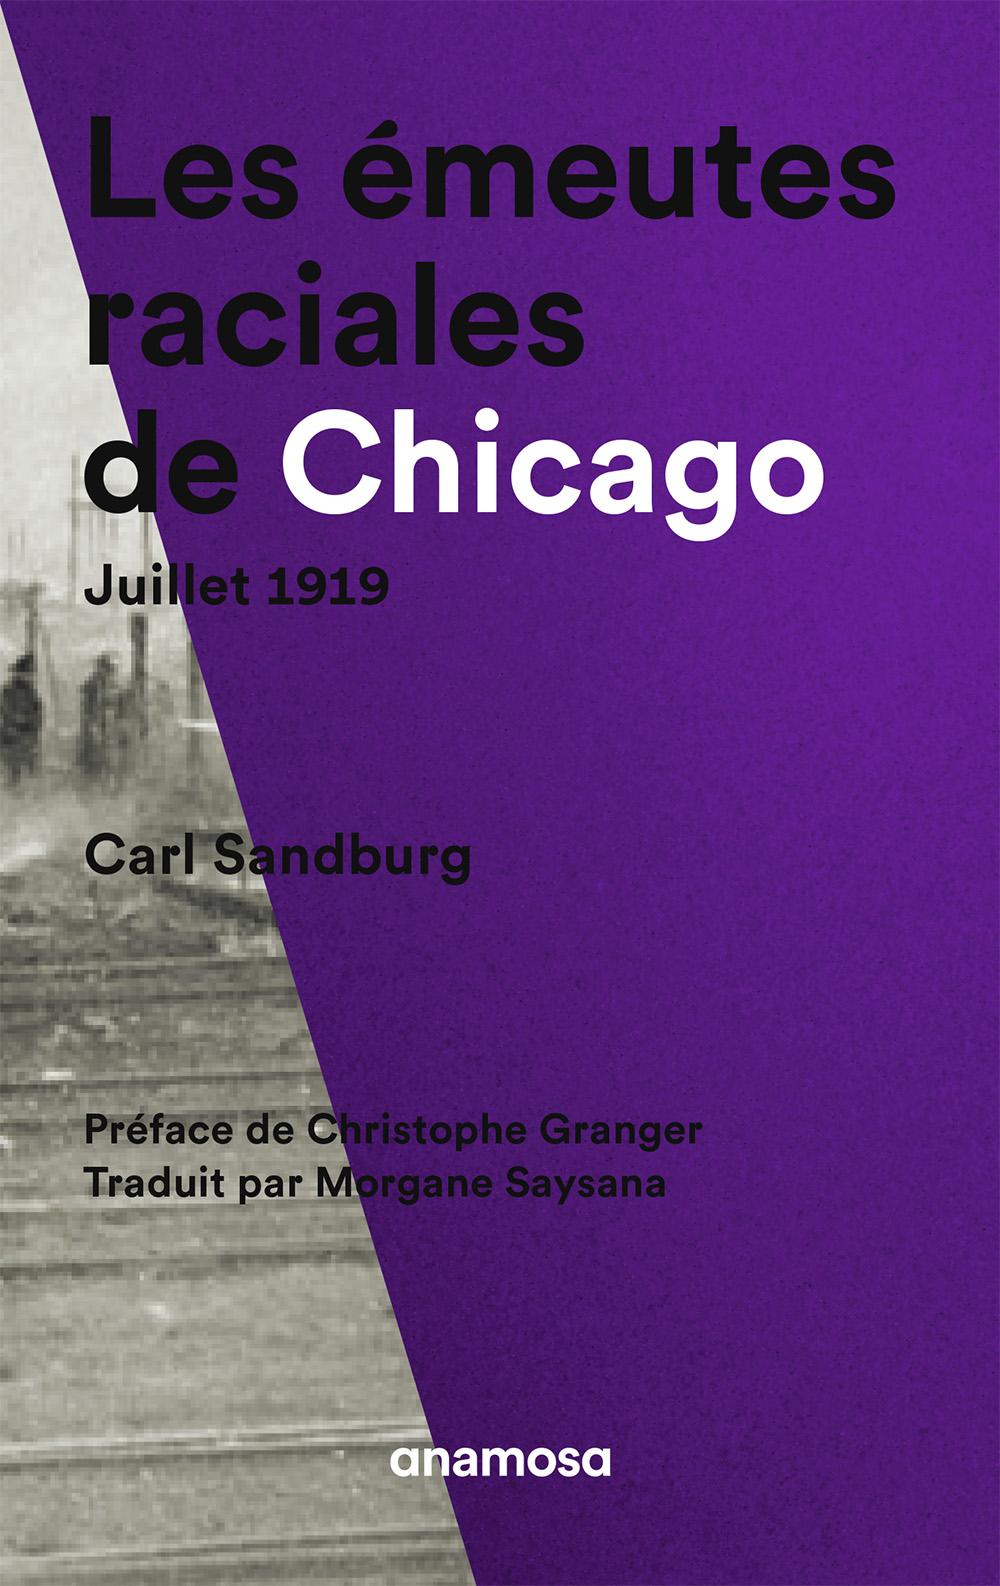 Les émeutes raciales de Chicago : juillet 1919 | Carl Sandburg (1878-1967). Auteur